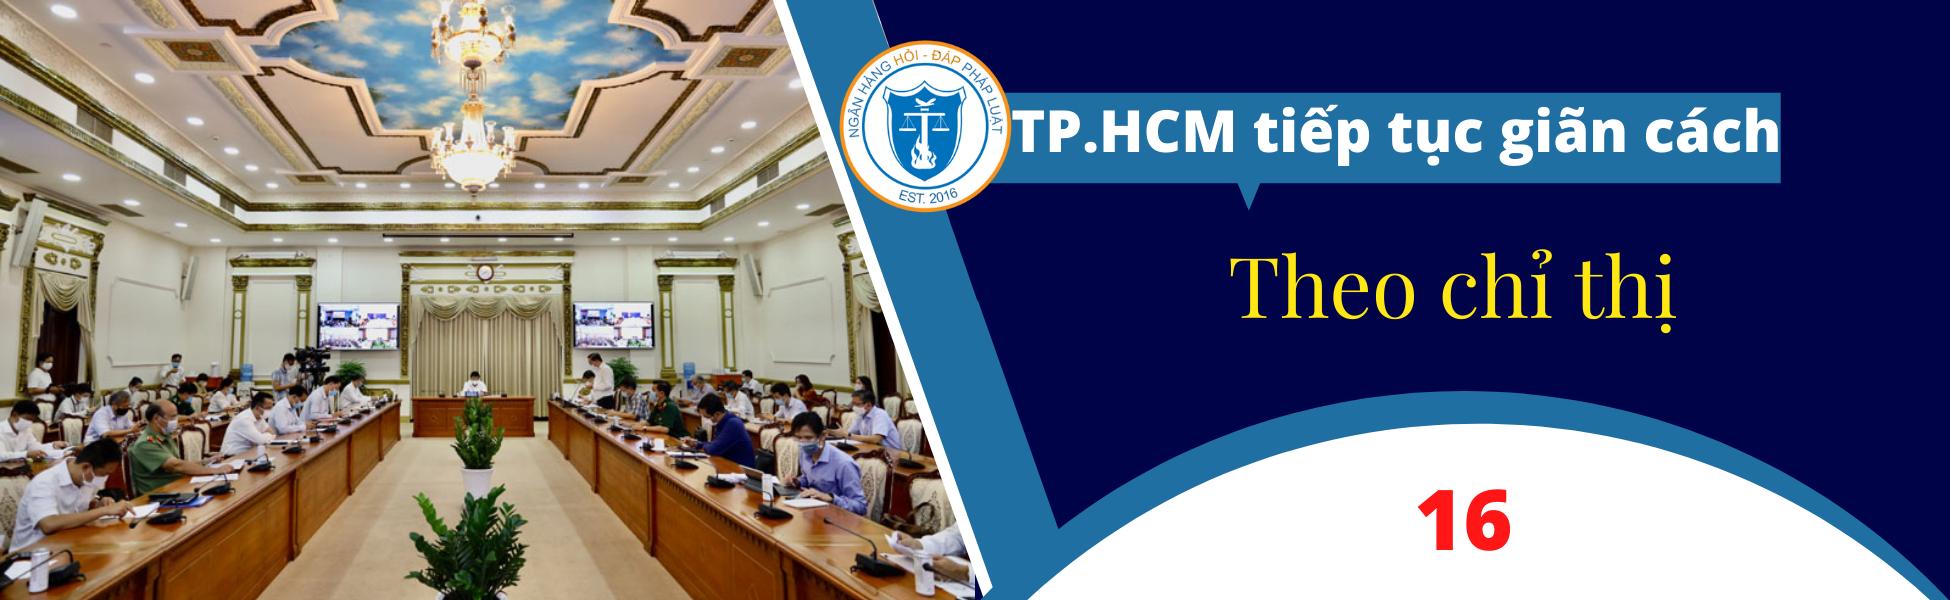 Kể từ 00 giờ 00 ngày 02 tháng 8 năm 2021, TP.HCM tiếp tục giãn cách thêm 14 ngày theo Chỉ thị 16